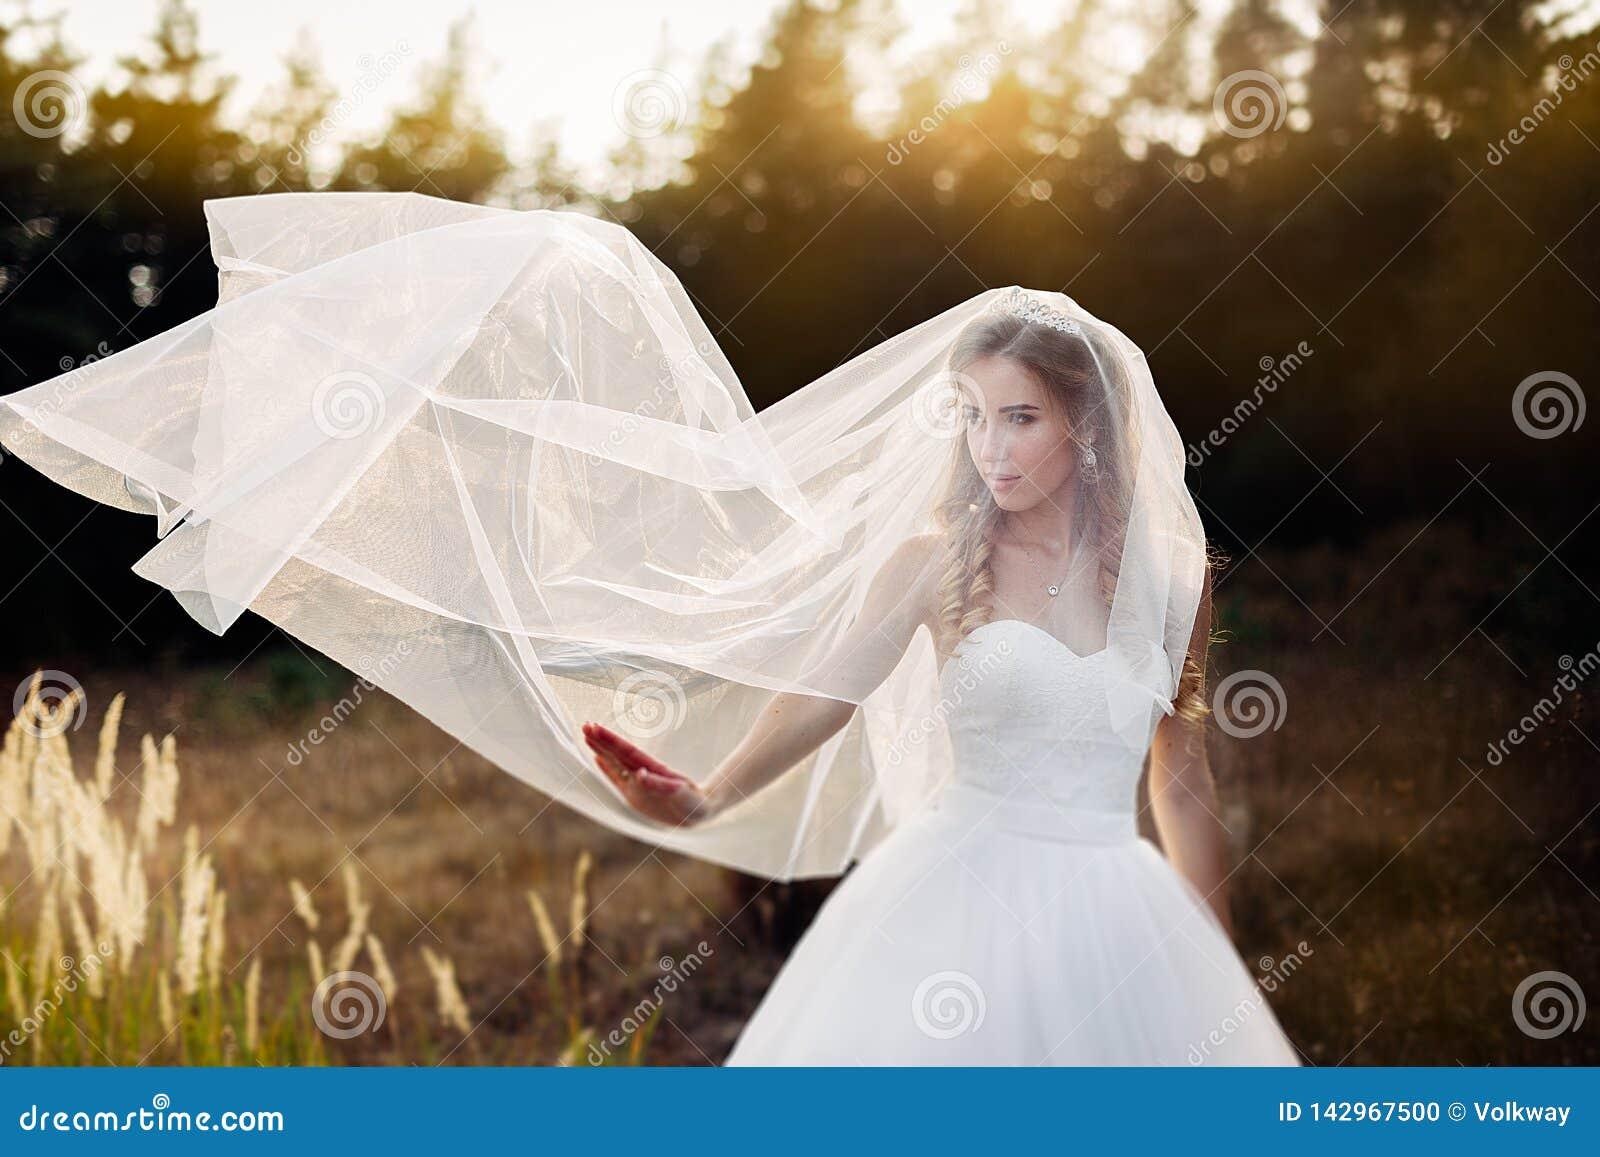 Portret Van Jonge Mooie Bruid In Diadeem Met Naakte